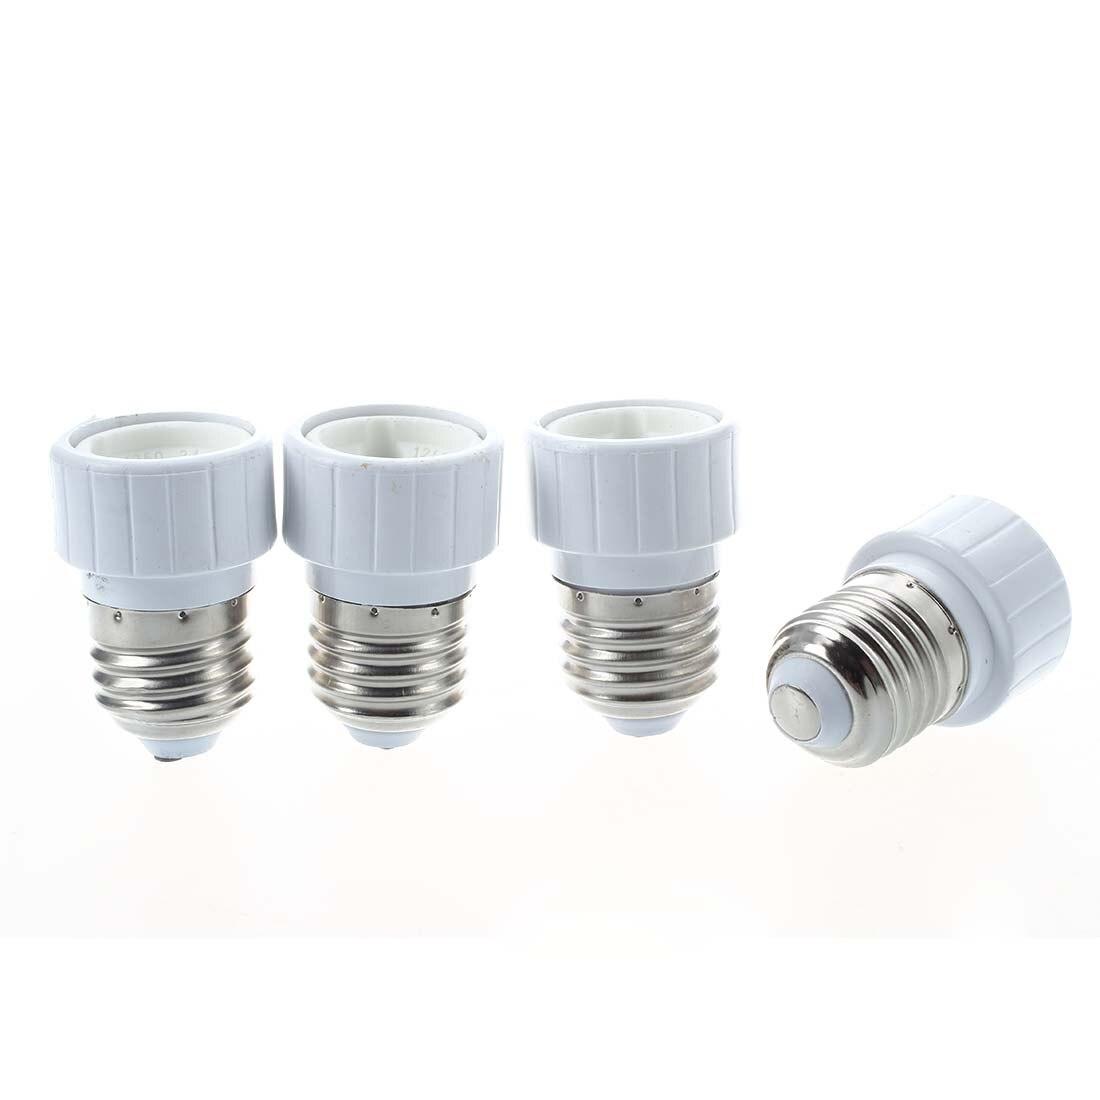 4x E27 to GU10 LED light socket adapter socket adapter lamp bulb Converter White